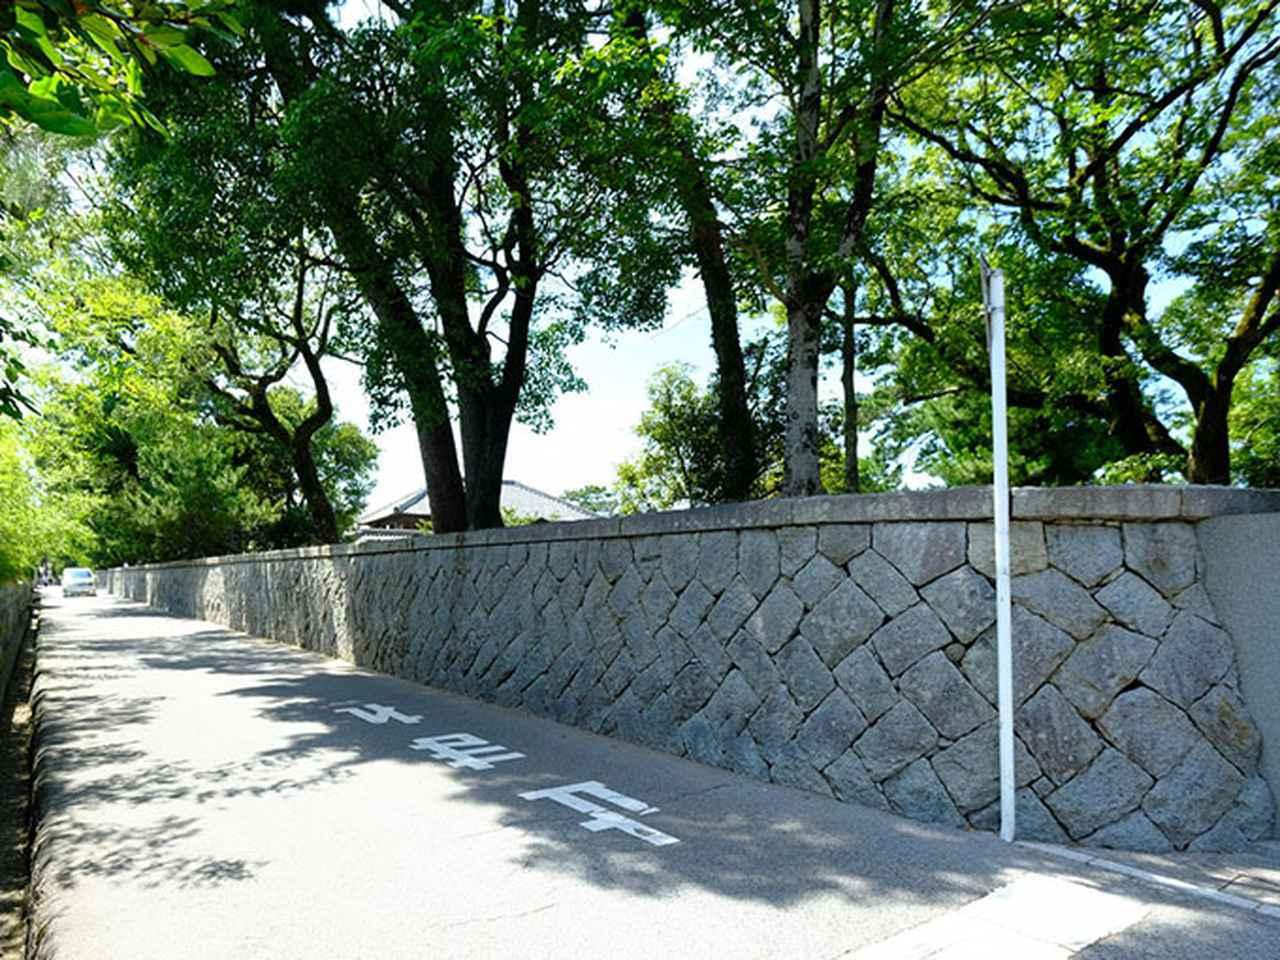 画像: 「旧高取邸」、このあたりだなと思って歩いていたら、なんとも長ーい塀が続いています。広いお屋敷の予感。